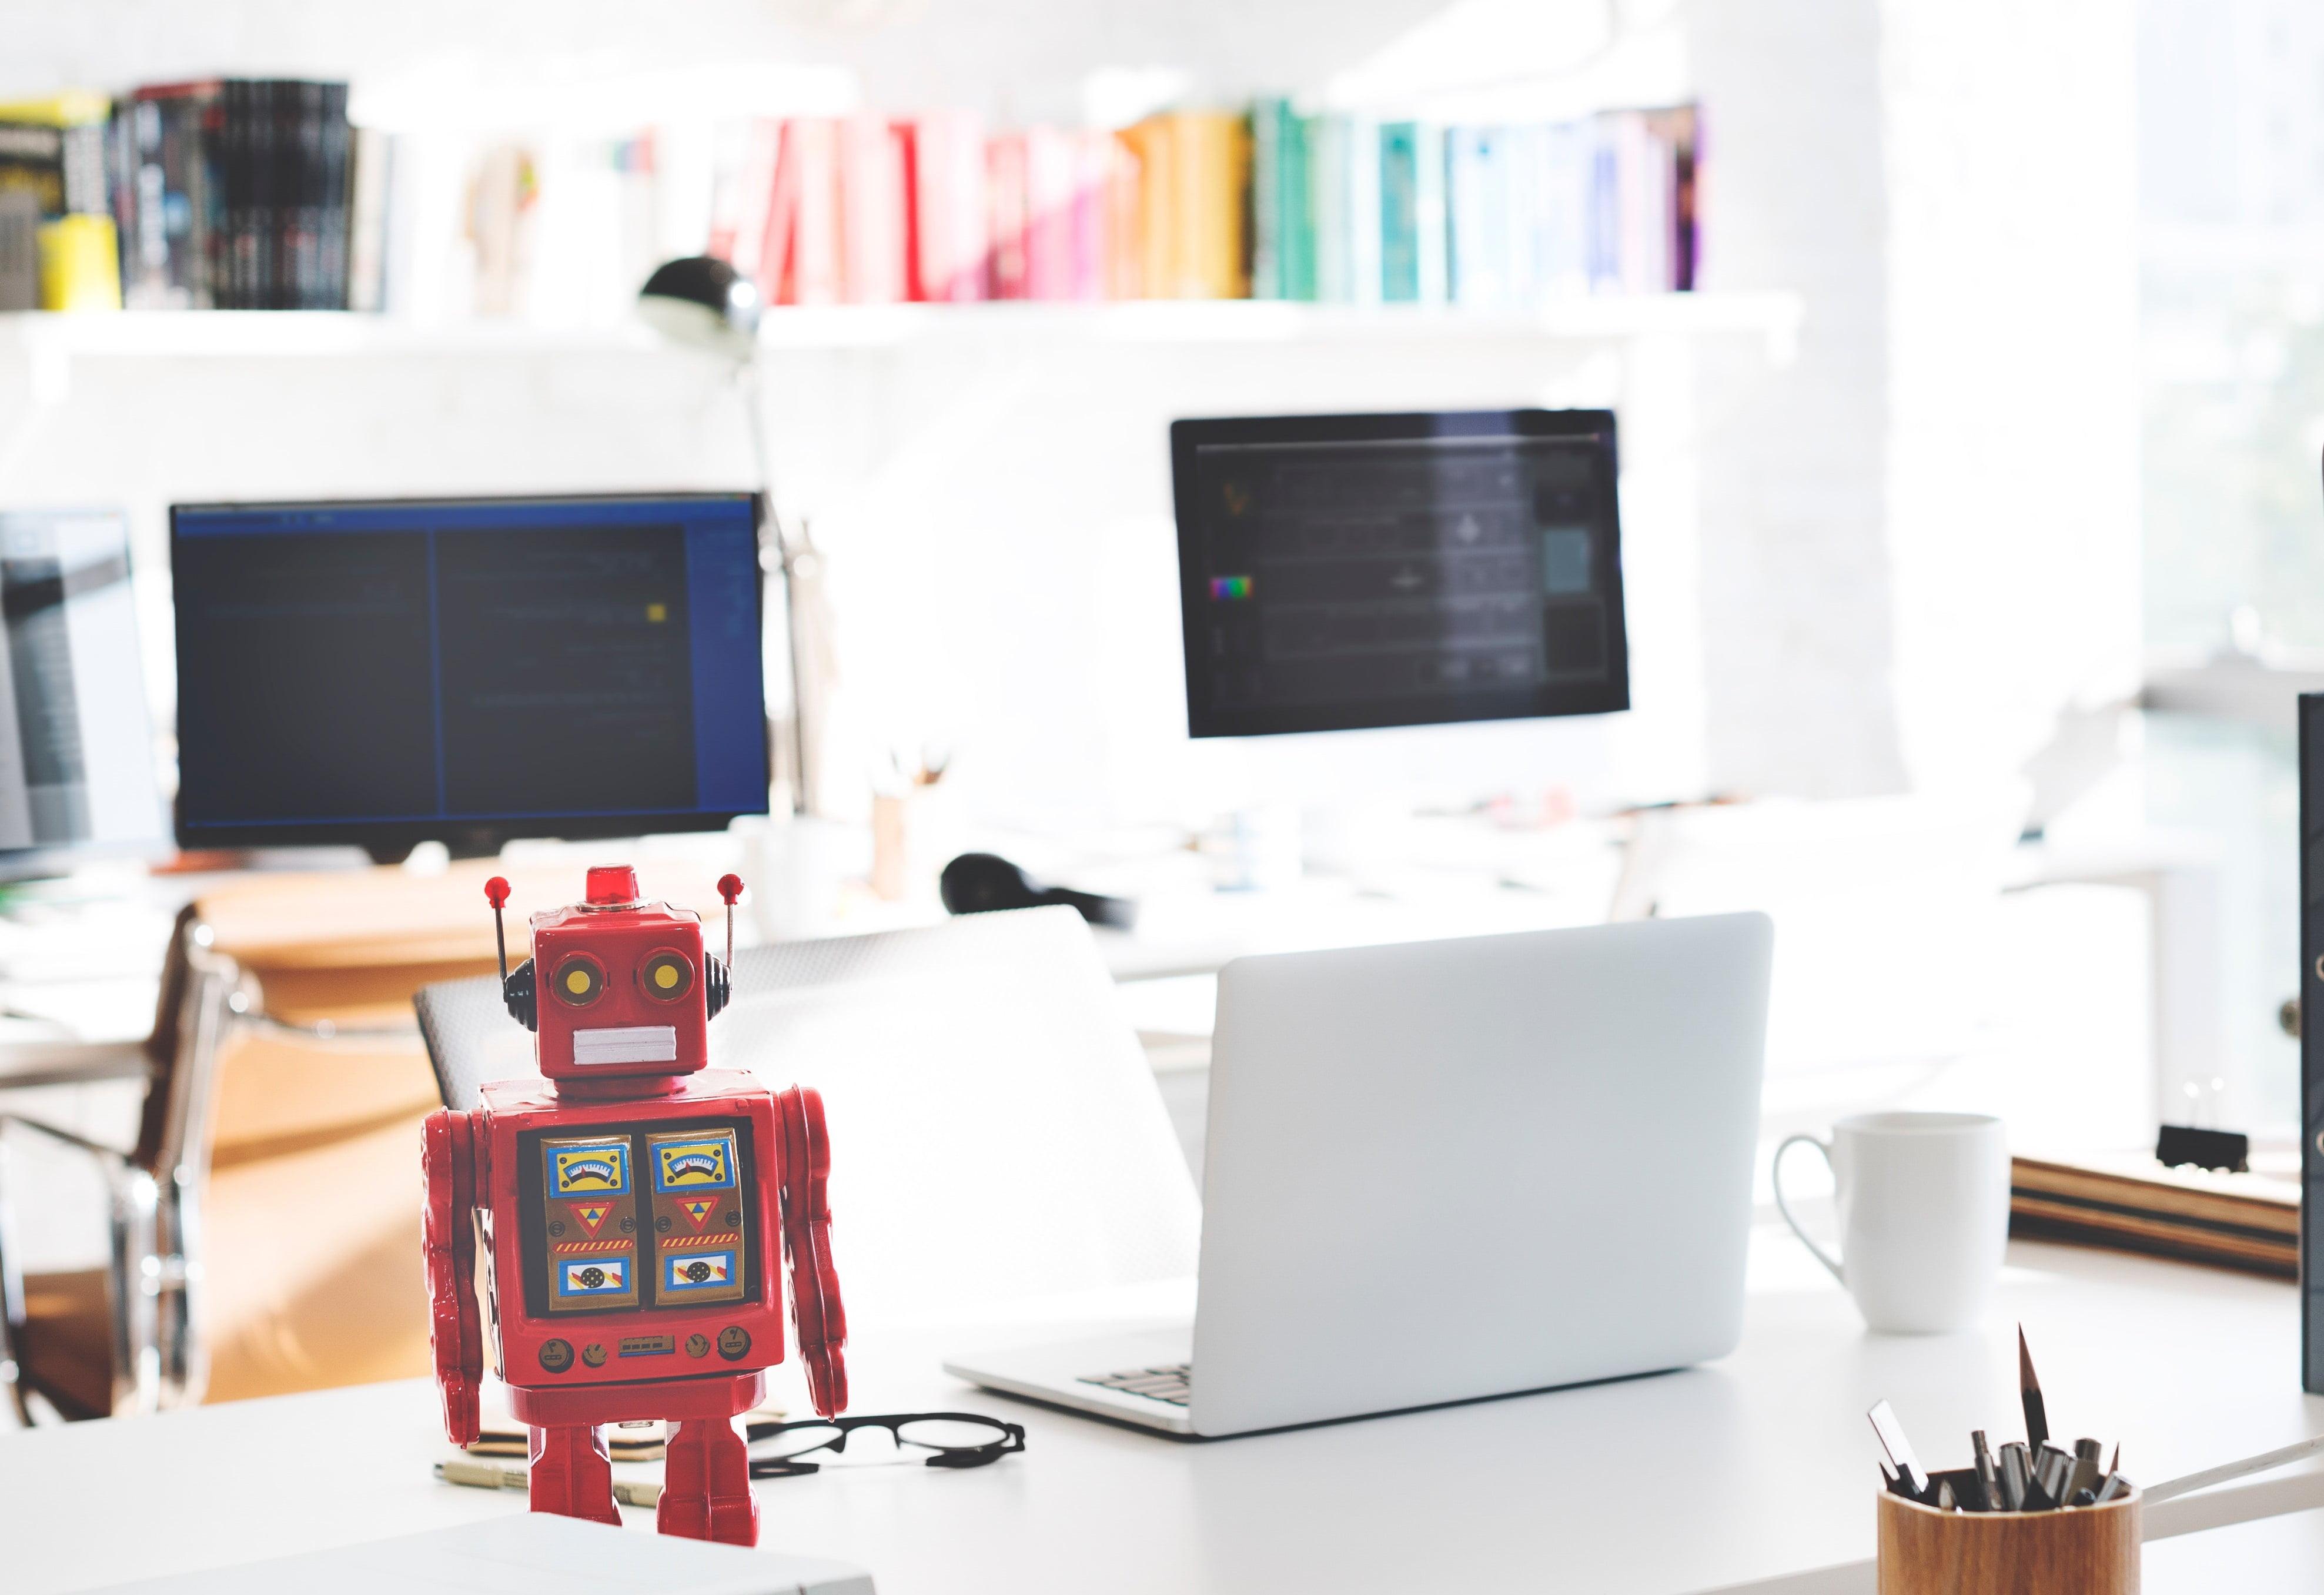 yapay zeka ve insan kaynakları, yapay zeka, işe alımda yapay zeka, aı